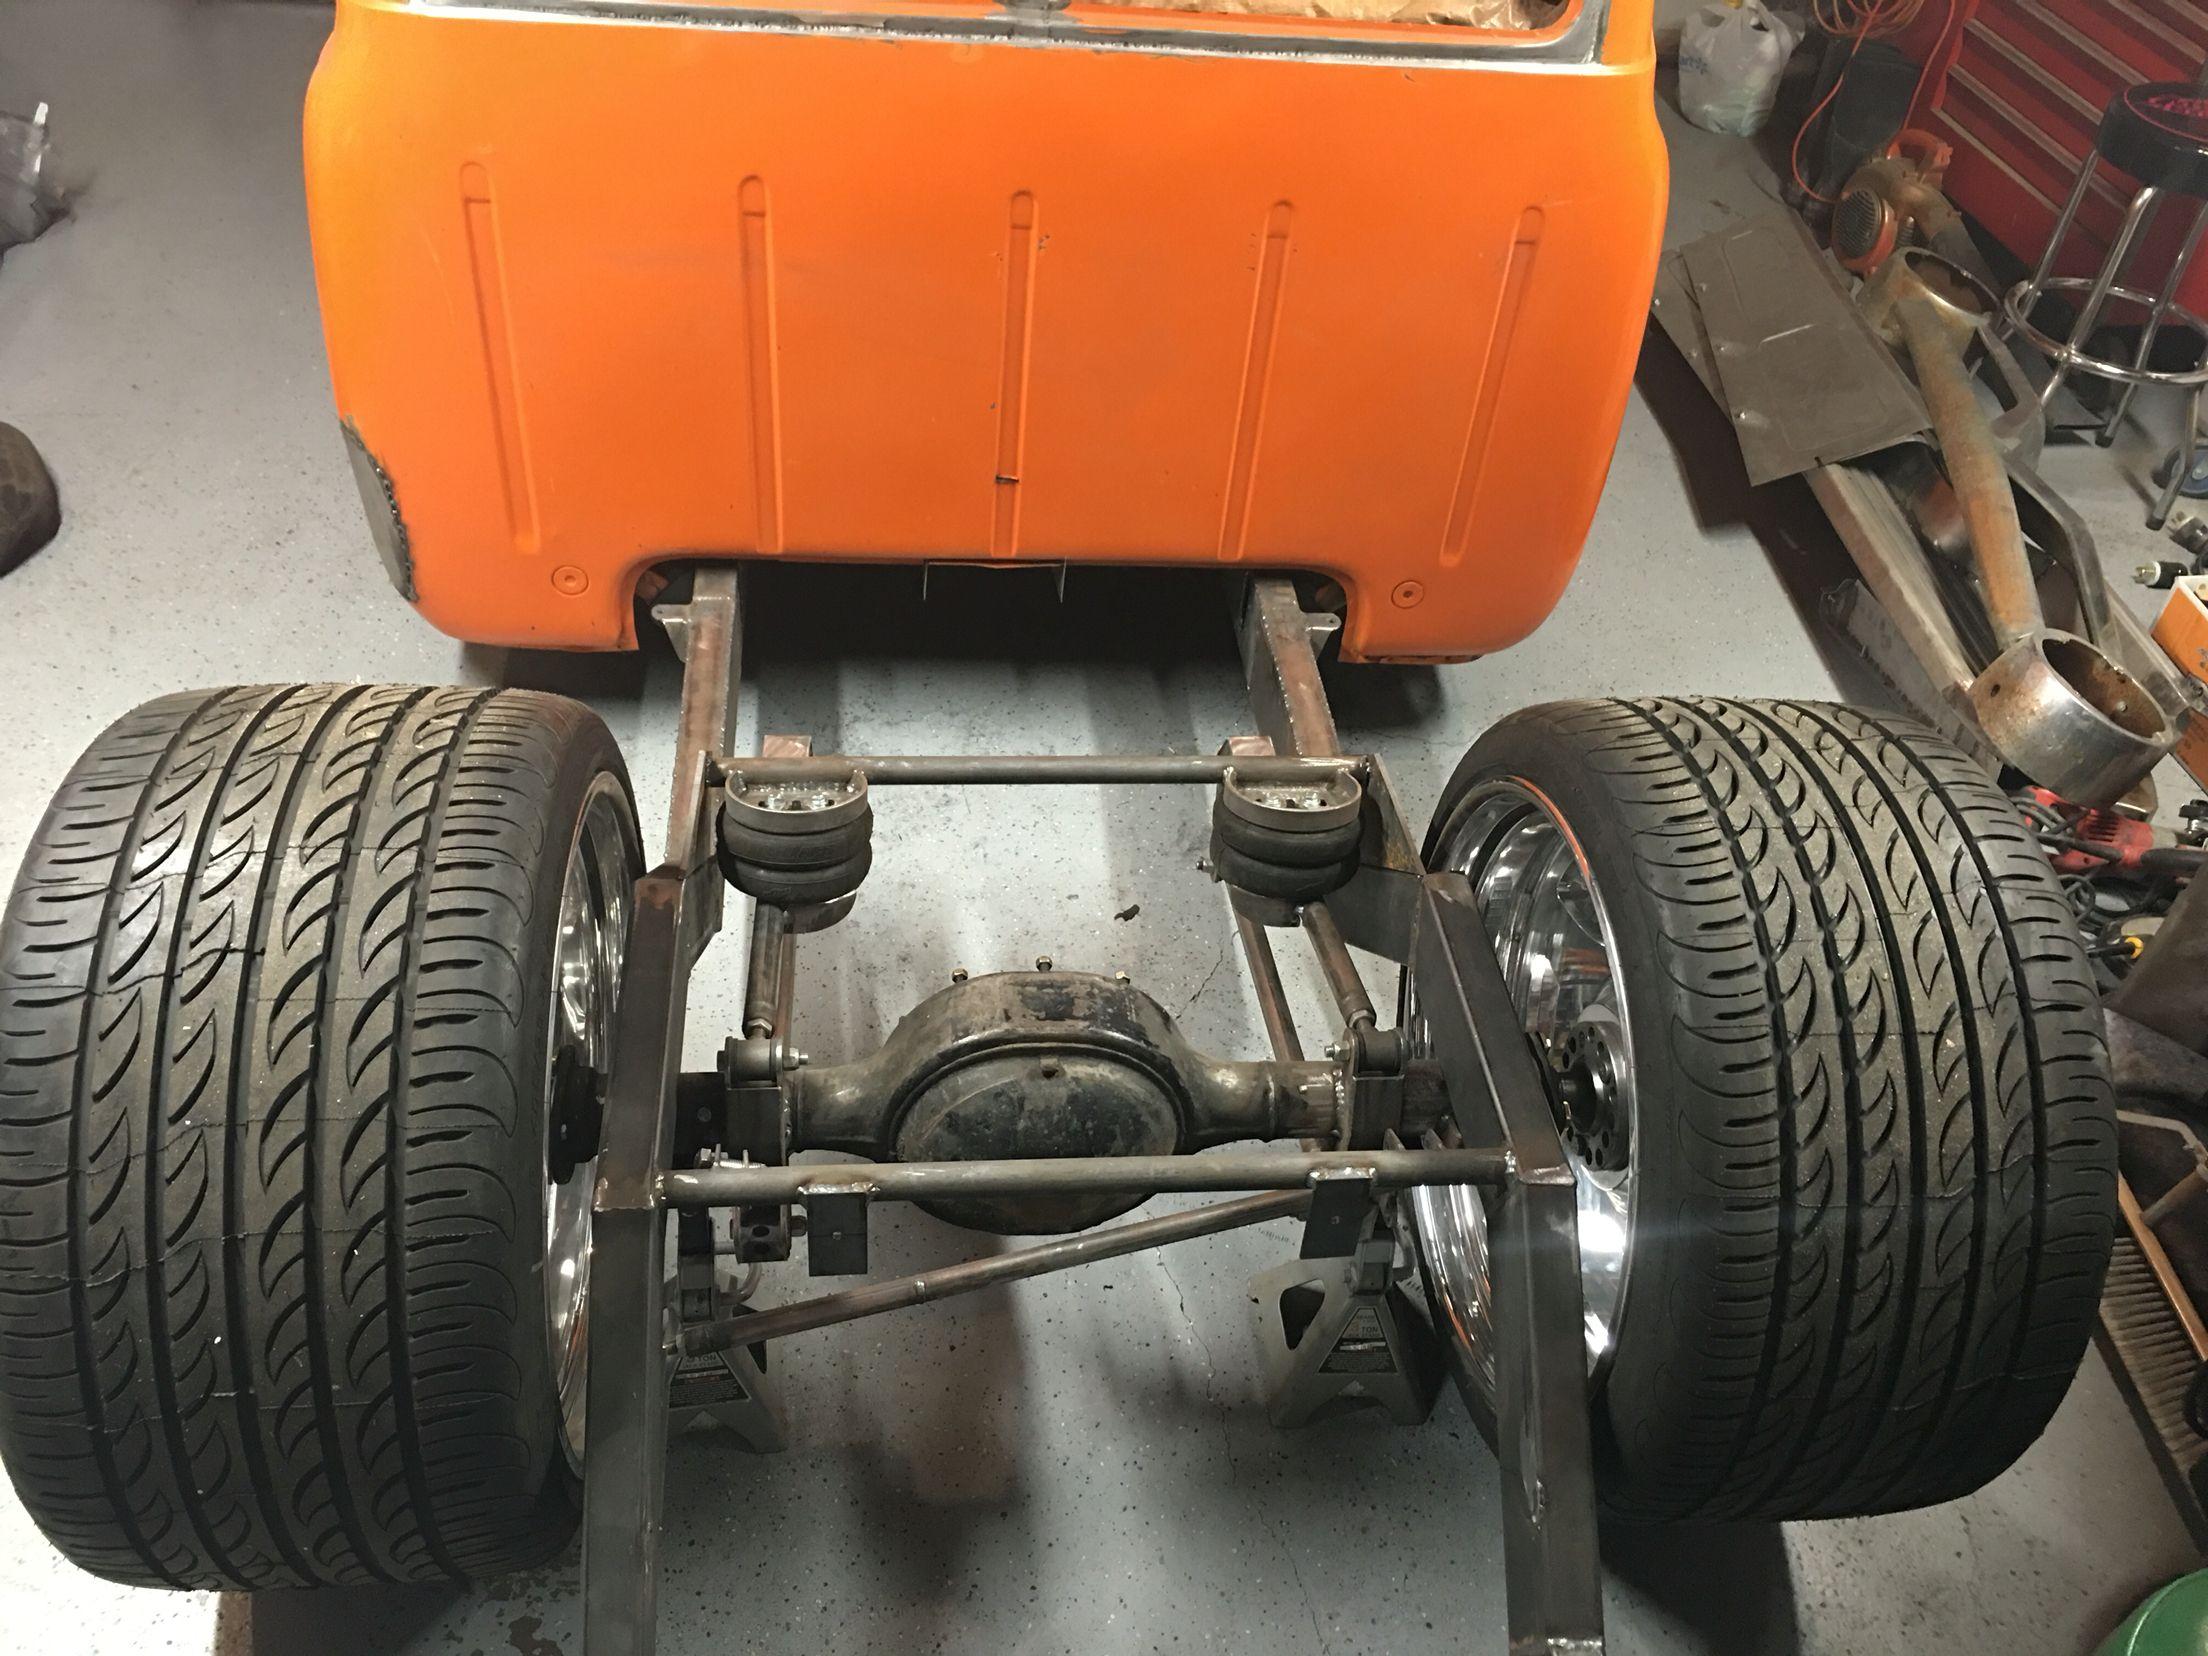 1953 ford f100 bagged on 24x15 raceline smuggler wheels